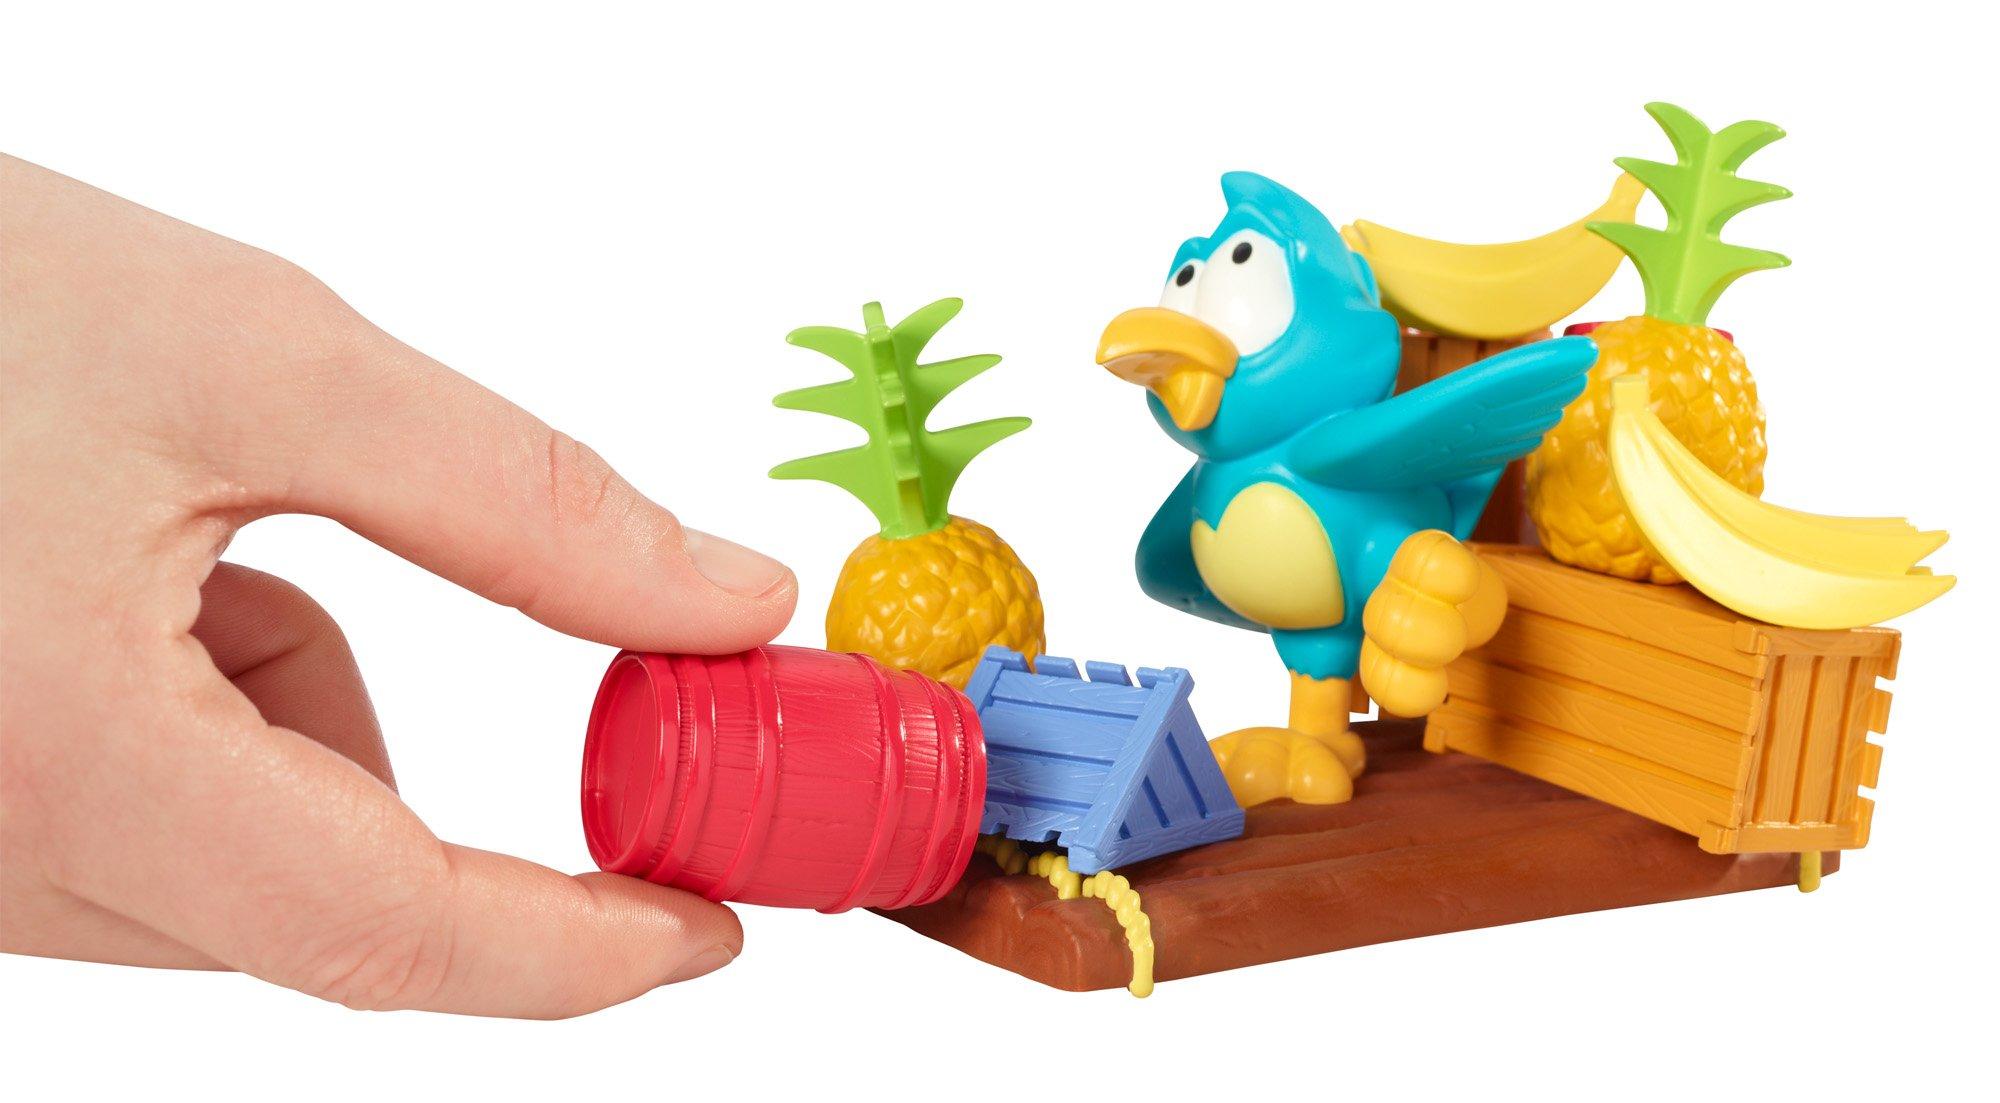 Juegos Mattel - Juego de Mesa, ¡Al Loro! (Y2551): Amazon.es: Juguetes y juegos